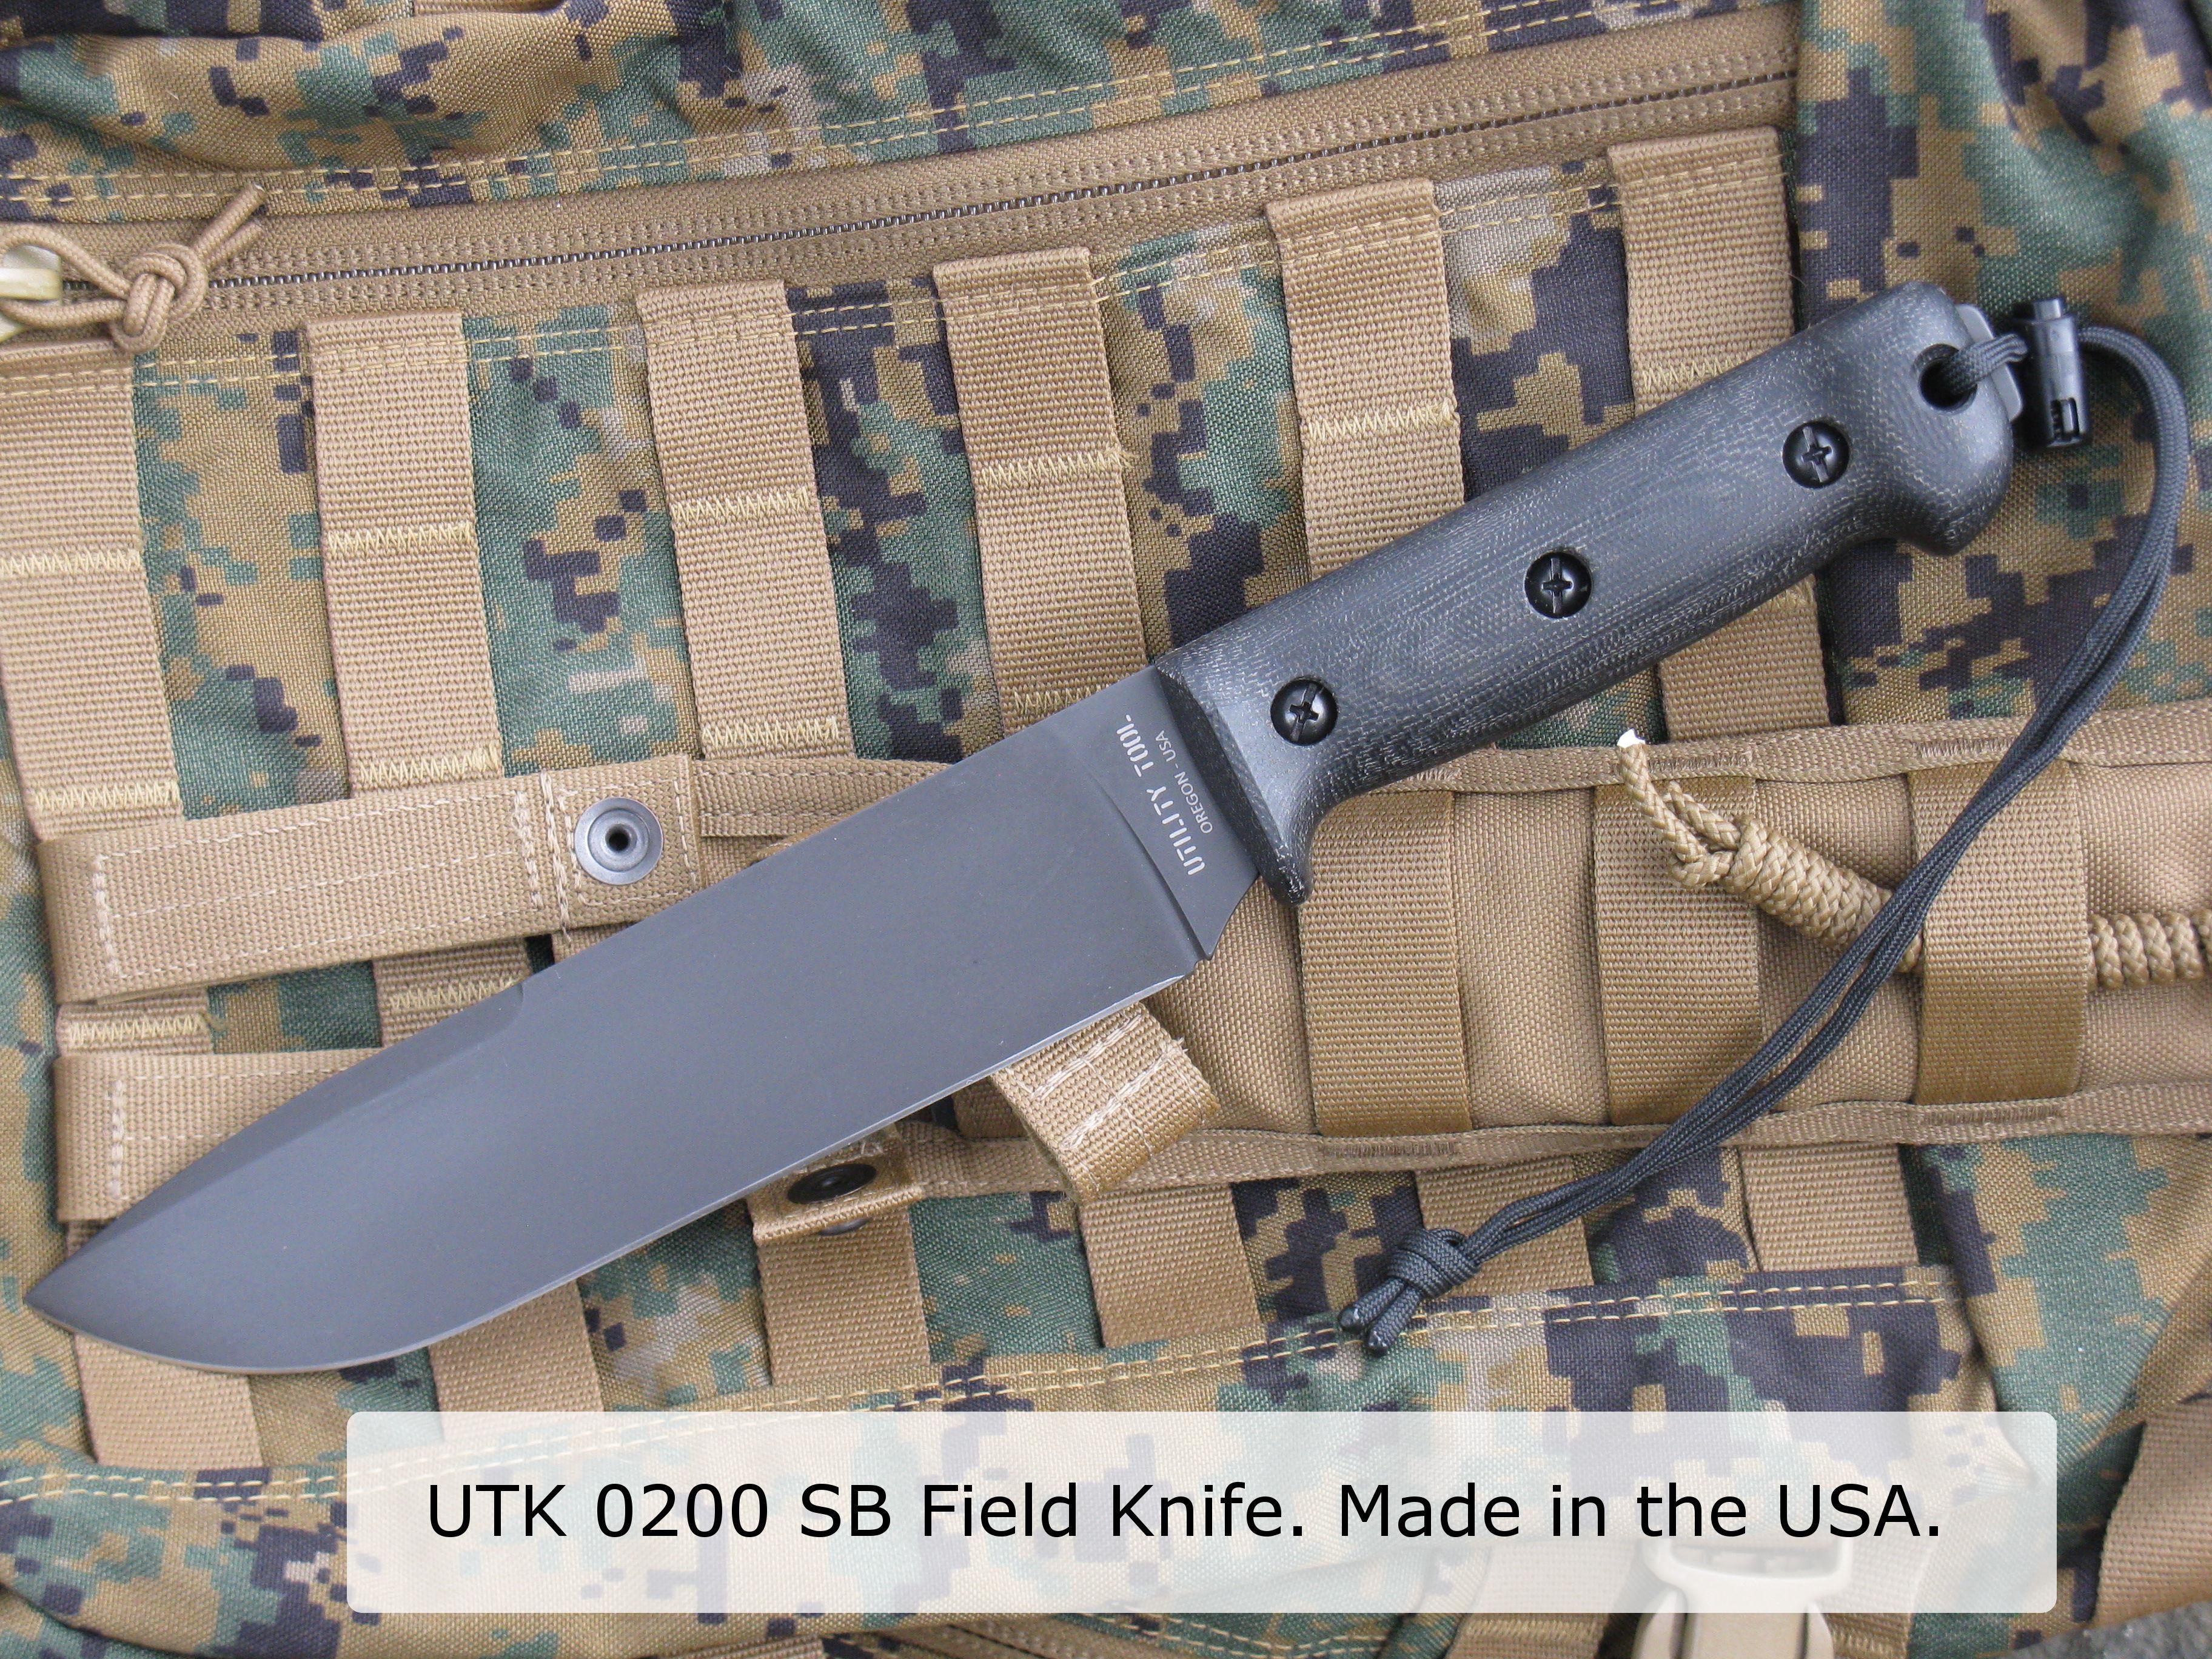 UTK0200 SB Field Knife w words